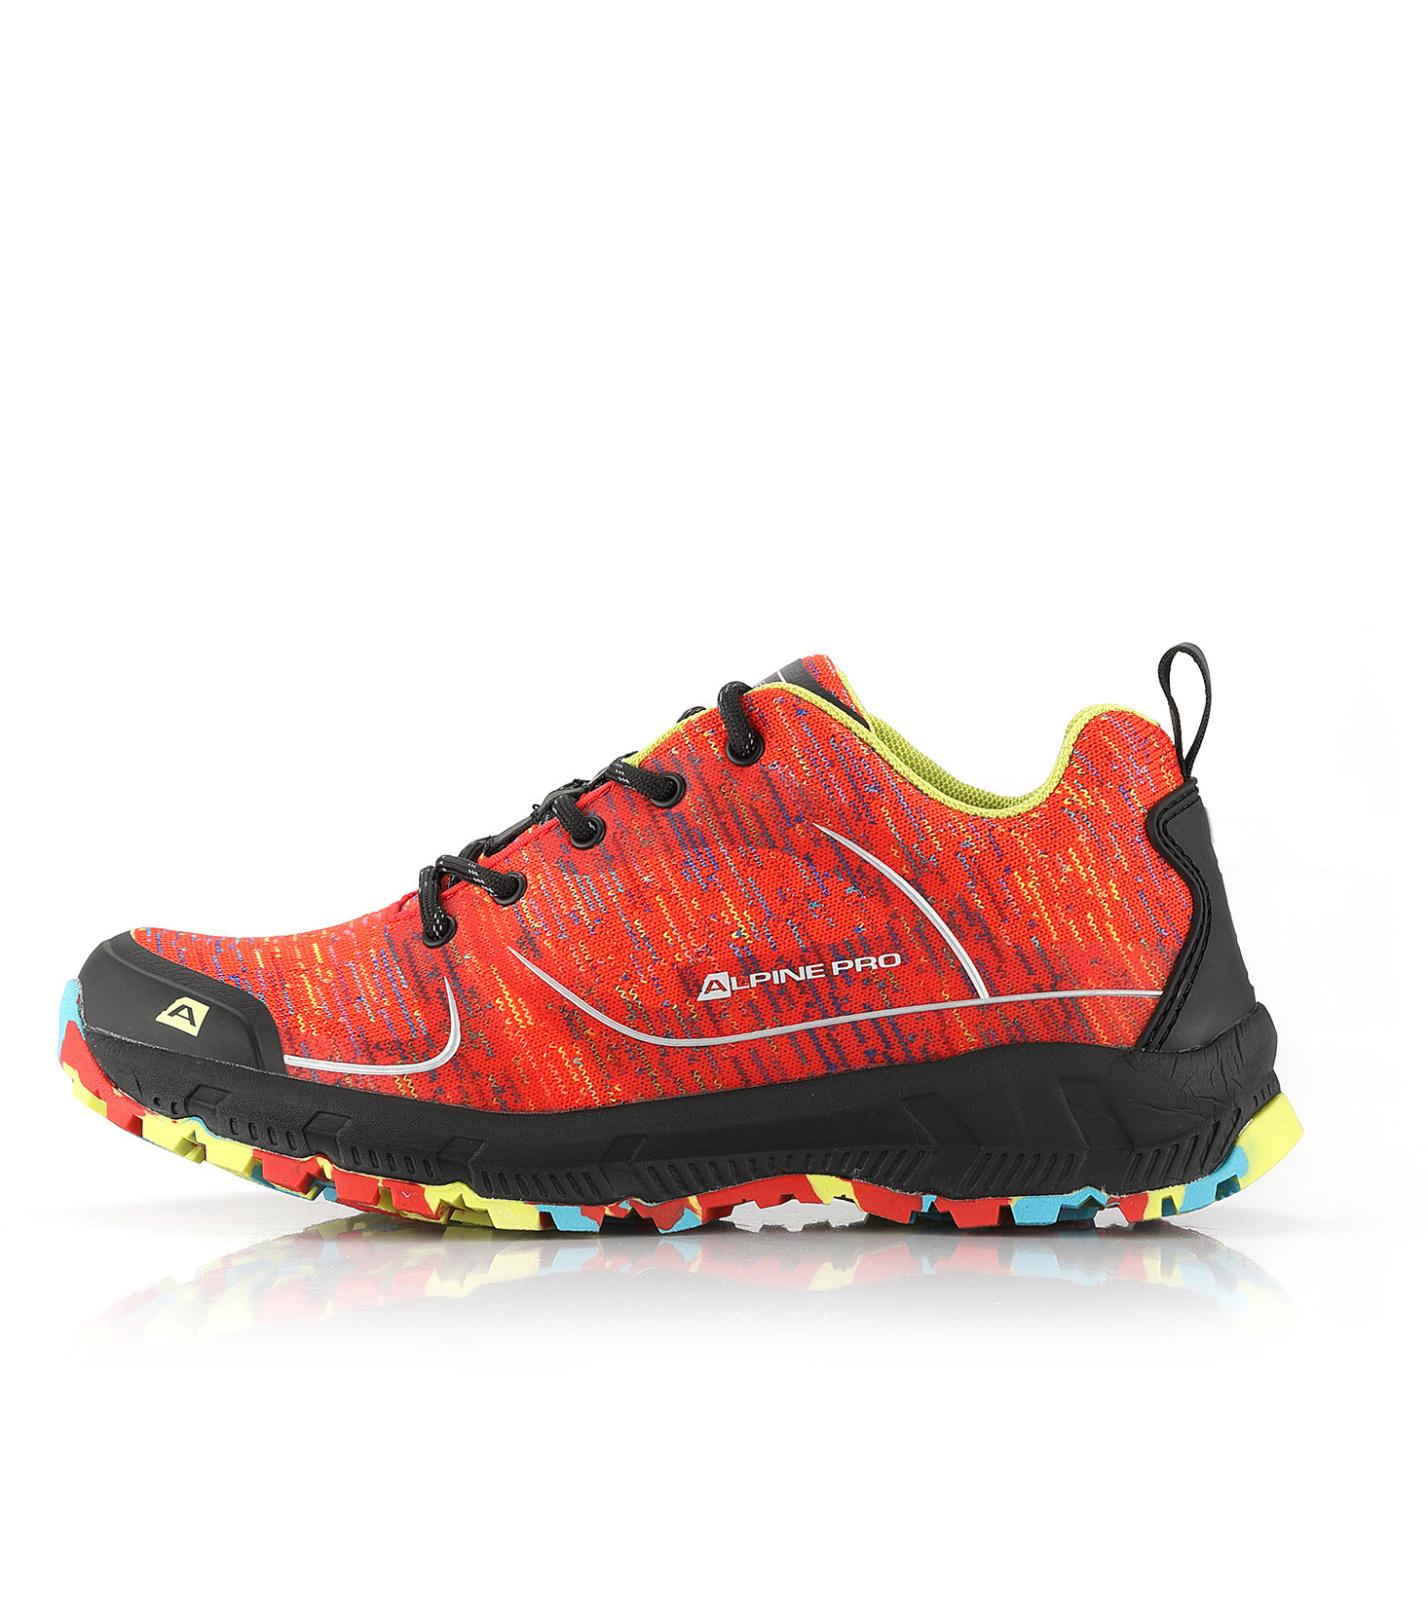 ALPINE PRO LARIA Dámská outdoorová obuv LBTR229324 ostře oranžová 36